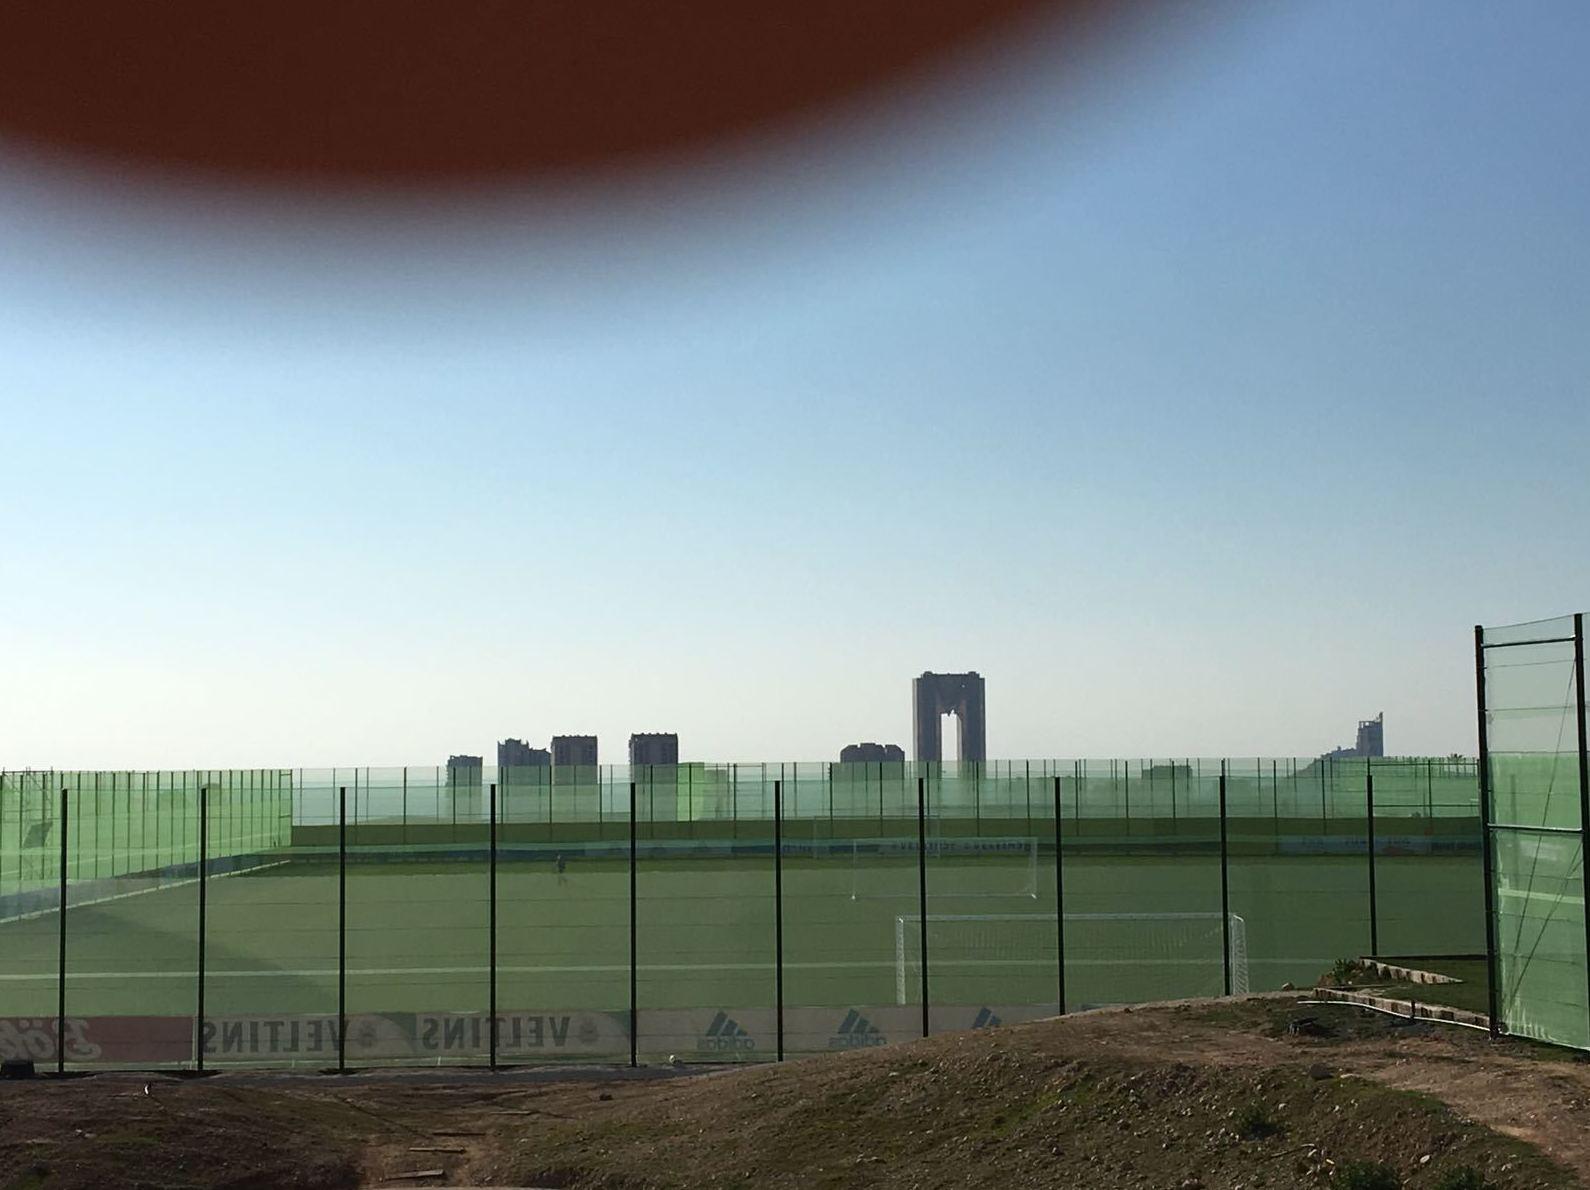 cortavientos en campo de futboll  en hotel melia villaitana  ( benidorm)